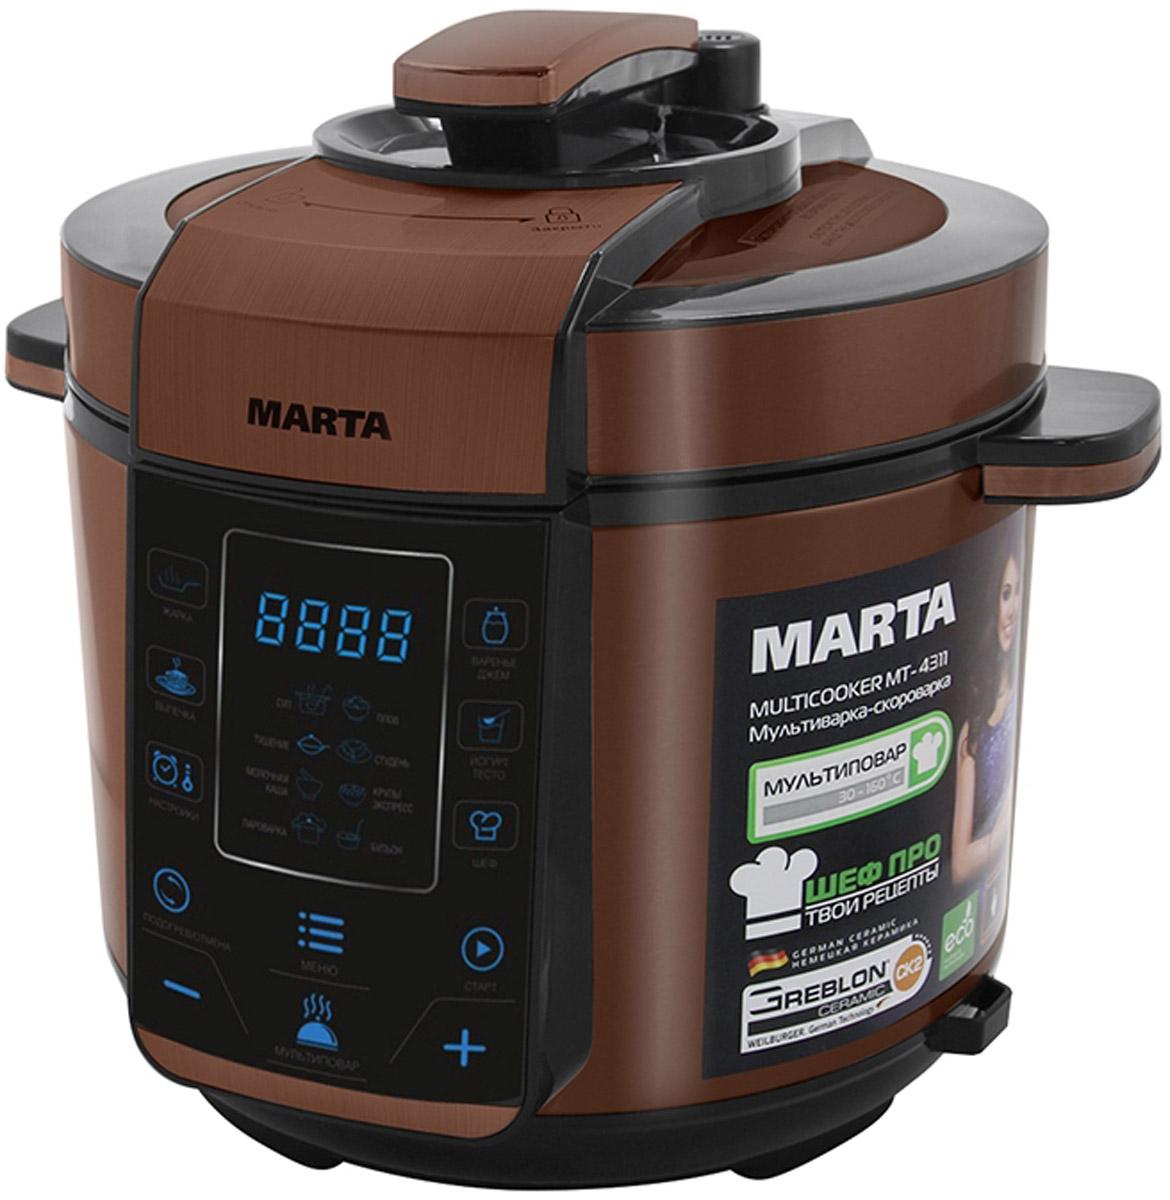 Marta MT-4311, Black Cooper мультиваркаMT-4311MARTA представляет новую уникальную мультиварку-скороварку, обладающую совершенным дизайном и всеми возможными функциями. Это настоящий прибор 2 в 1 - мультиварка и скороварка! Он позволяет готовить с давлением и без давления. МАRТА МТ-4311 комплектуется толстостенной чашей с немецким керамическим покрытием GREBLON CK2. Главной особенностью модели МАRТА МТ-4311 является то, что это универсальное устройство, которое совмещает функции мультиварки и скороварки. В ней есть программы, которые используют технологию приготовления пищи под давлением, а есть программы, присущие простым мультиваркам, в которых приготовление происходит без давления. Ваше блюдо никогда не подгорит, сохранит свой вкус, аромат и витамины. Сенсорное управление позволит с легкостью управляться 30 программами приготовления, из которых 14 - полностью автоматическая: 9 работают в режиме скороварки, а 5 - в режиме мультиварки. Остальные 16 программ настраиваются вручную. А для полного...